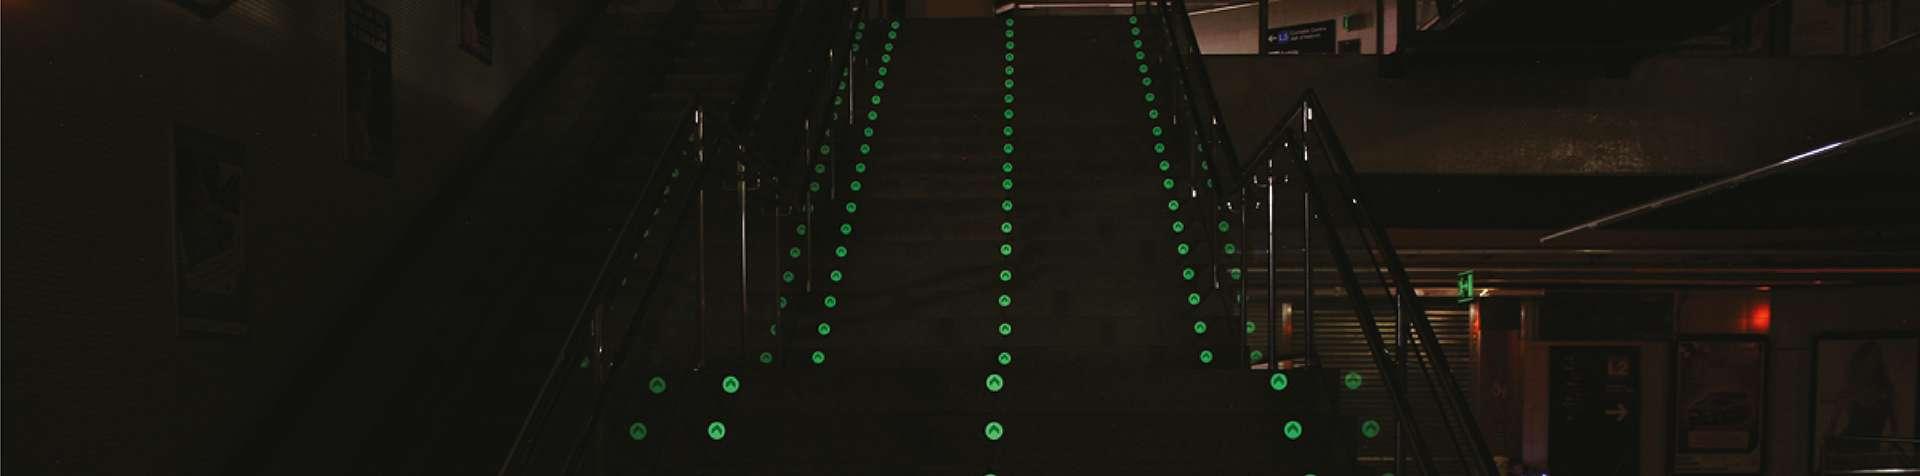 Disco autoadesivo para sinalização de rota de fuga no piso